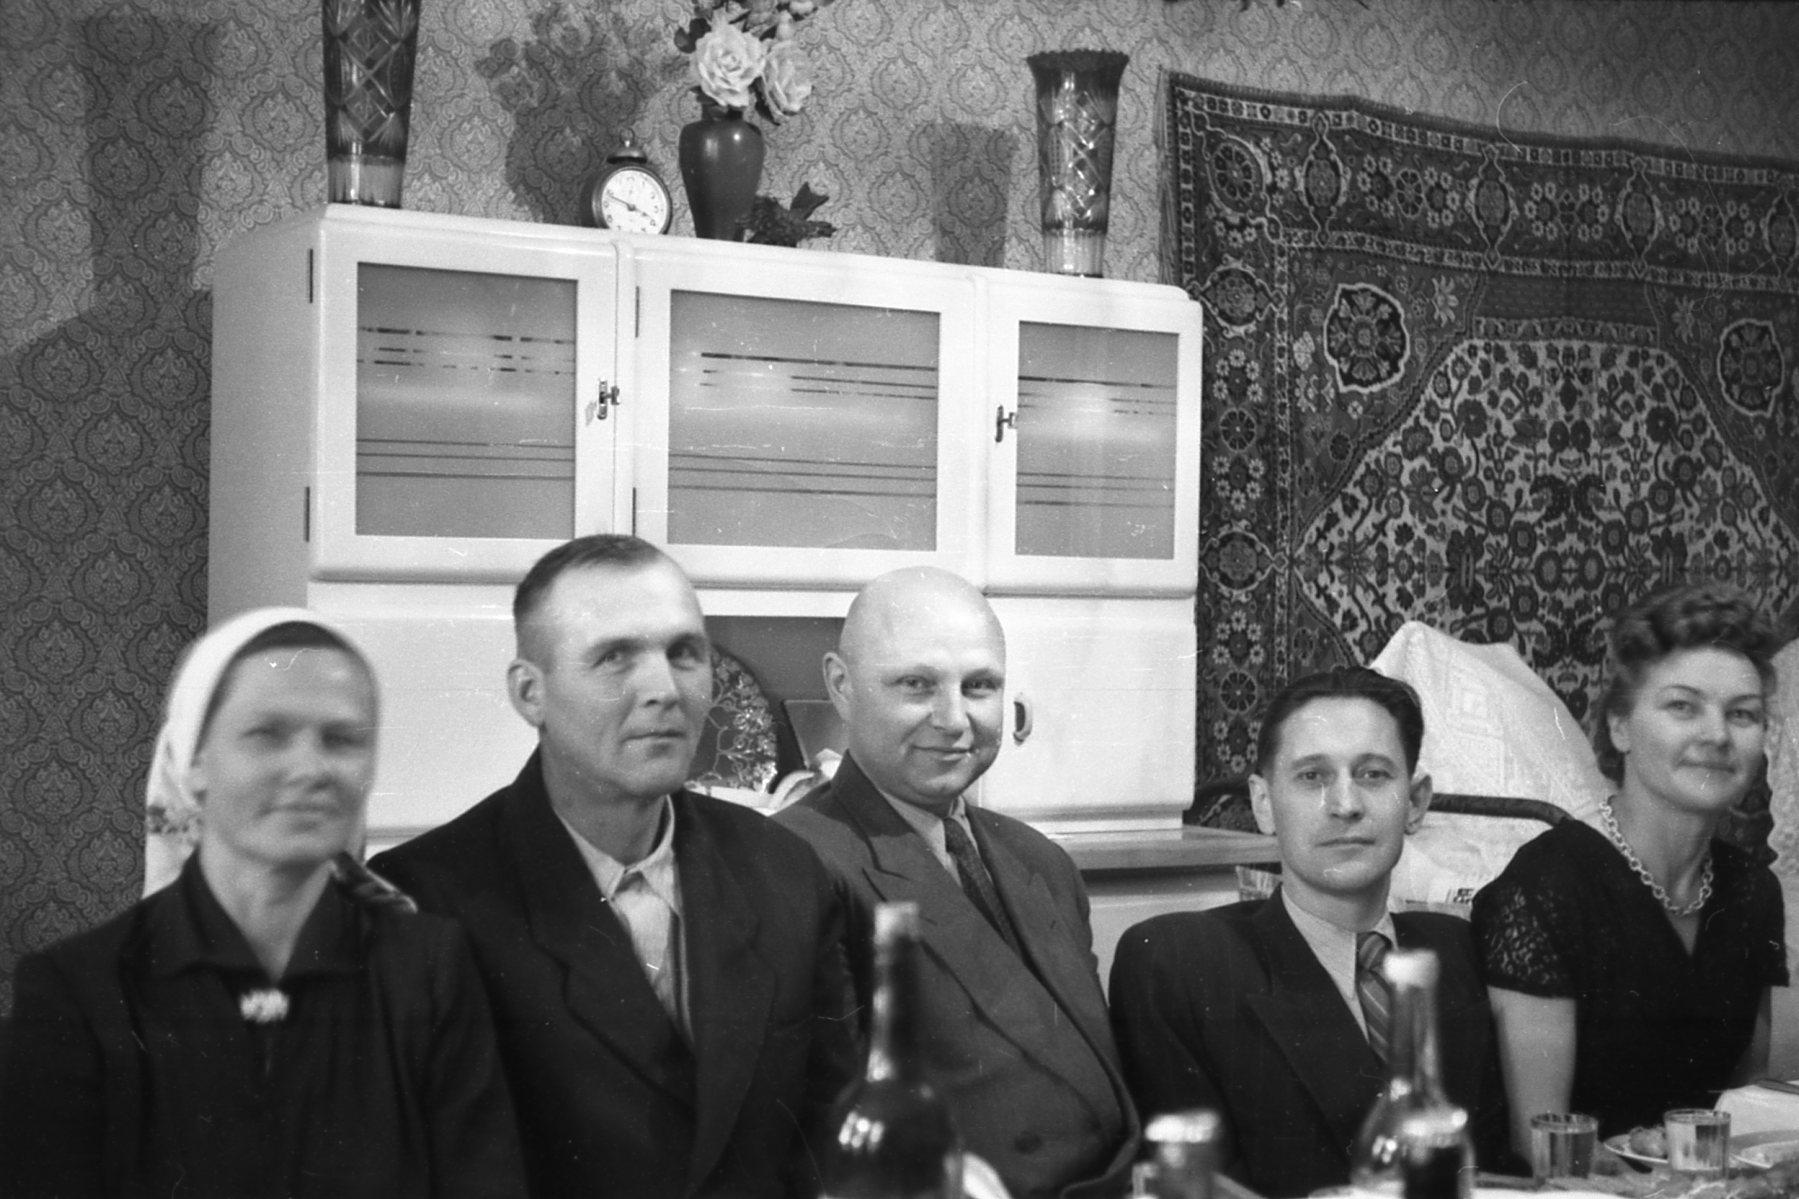 Застолье явно в квартире по Н. Ковшовой д. 15. Архив Ю.М.Кулагиной3